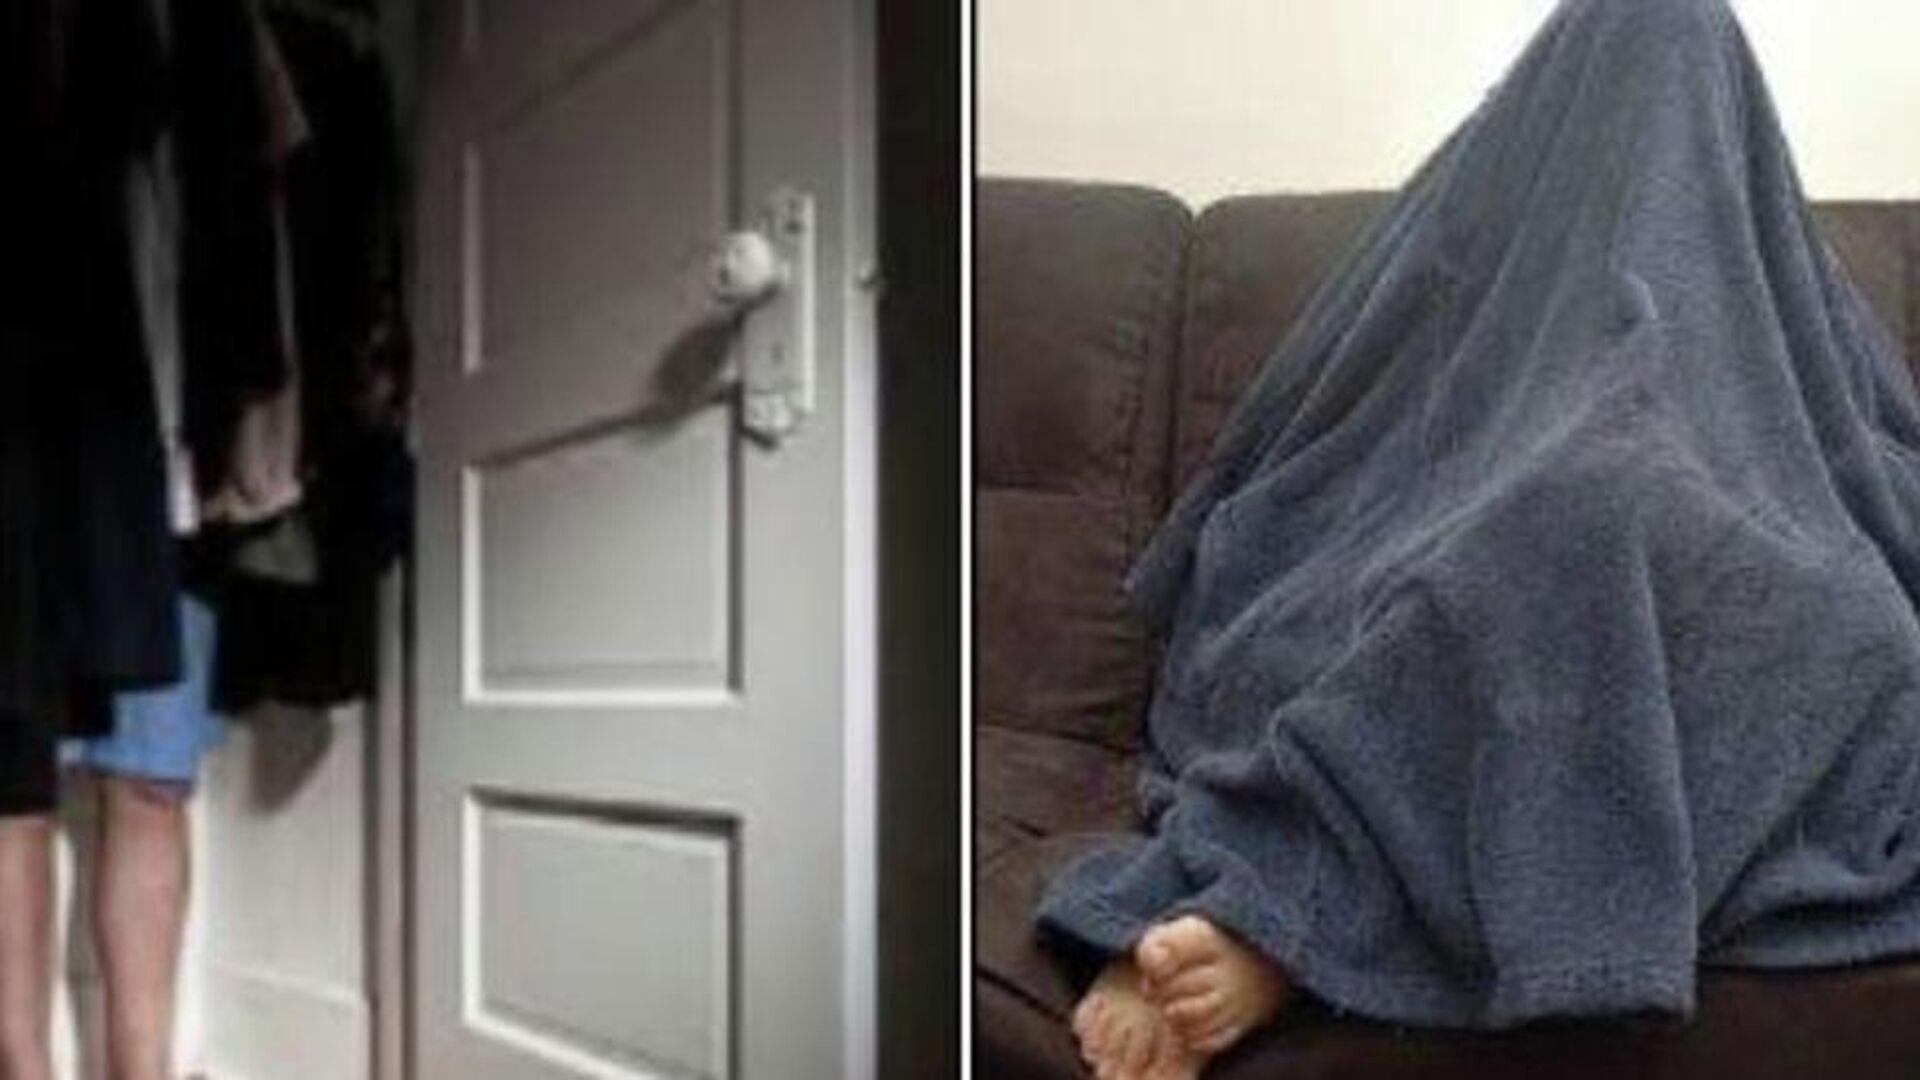 Ληστής κρύφτηκε σε ντουλάπα, κάτω από κουβέρτα, για να γλιτώσει από την αστυνομία - Sputnik Ελλάδα, 1920, 07.10.2021